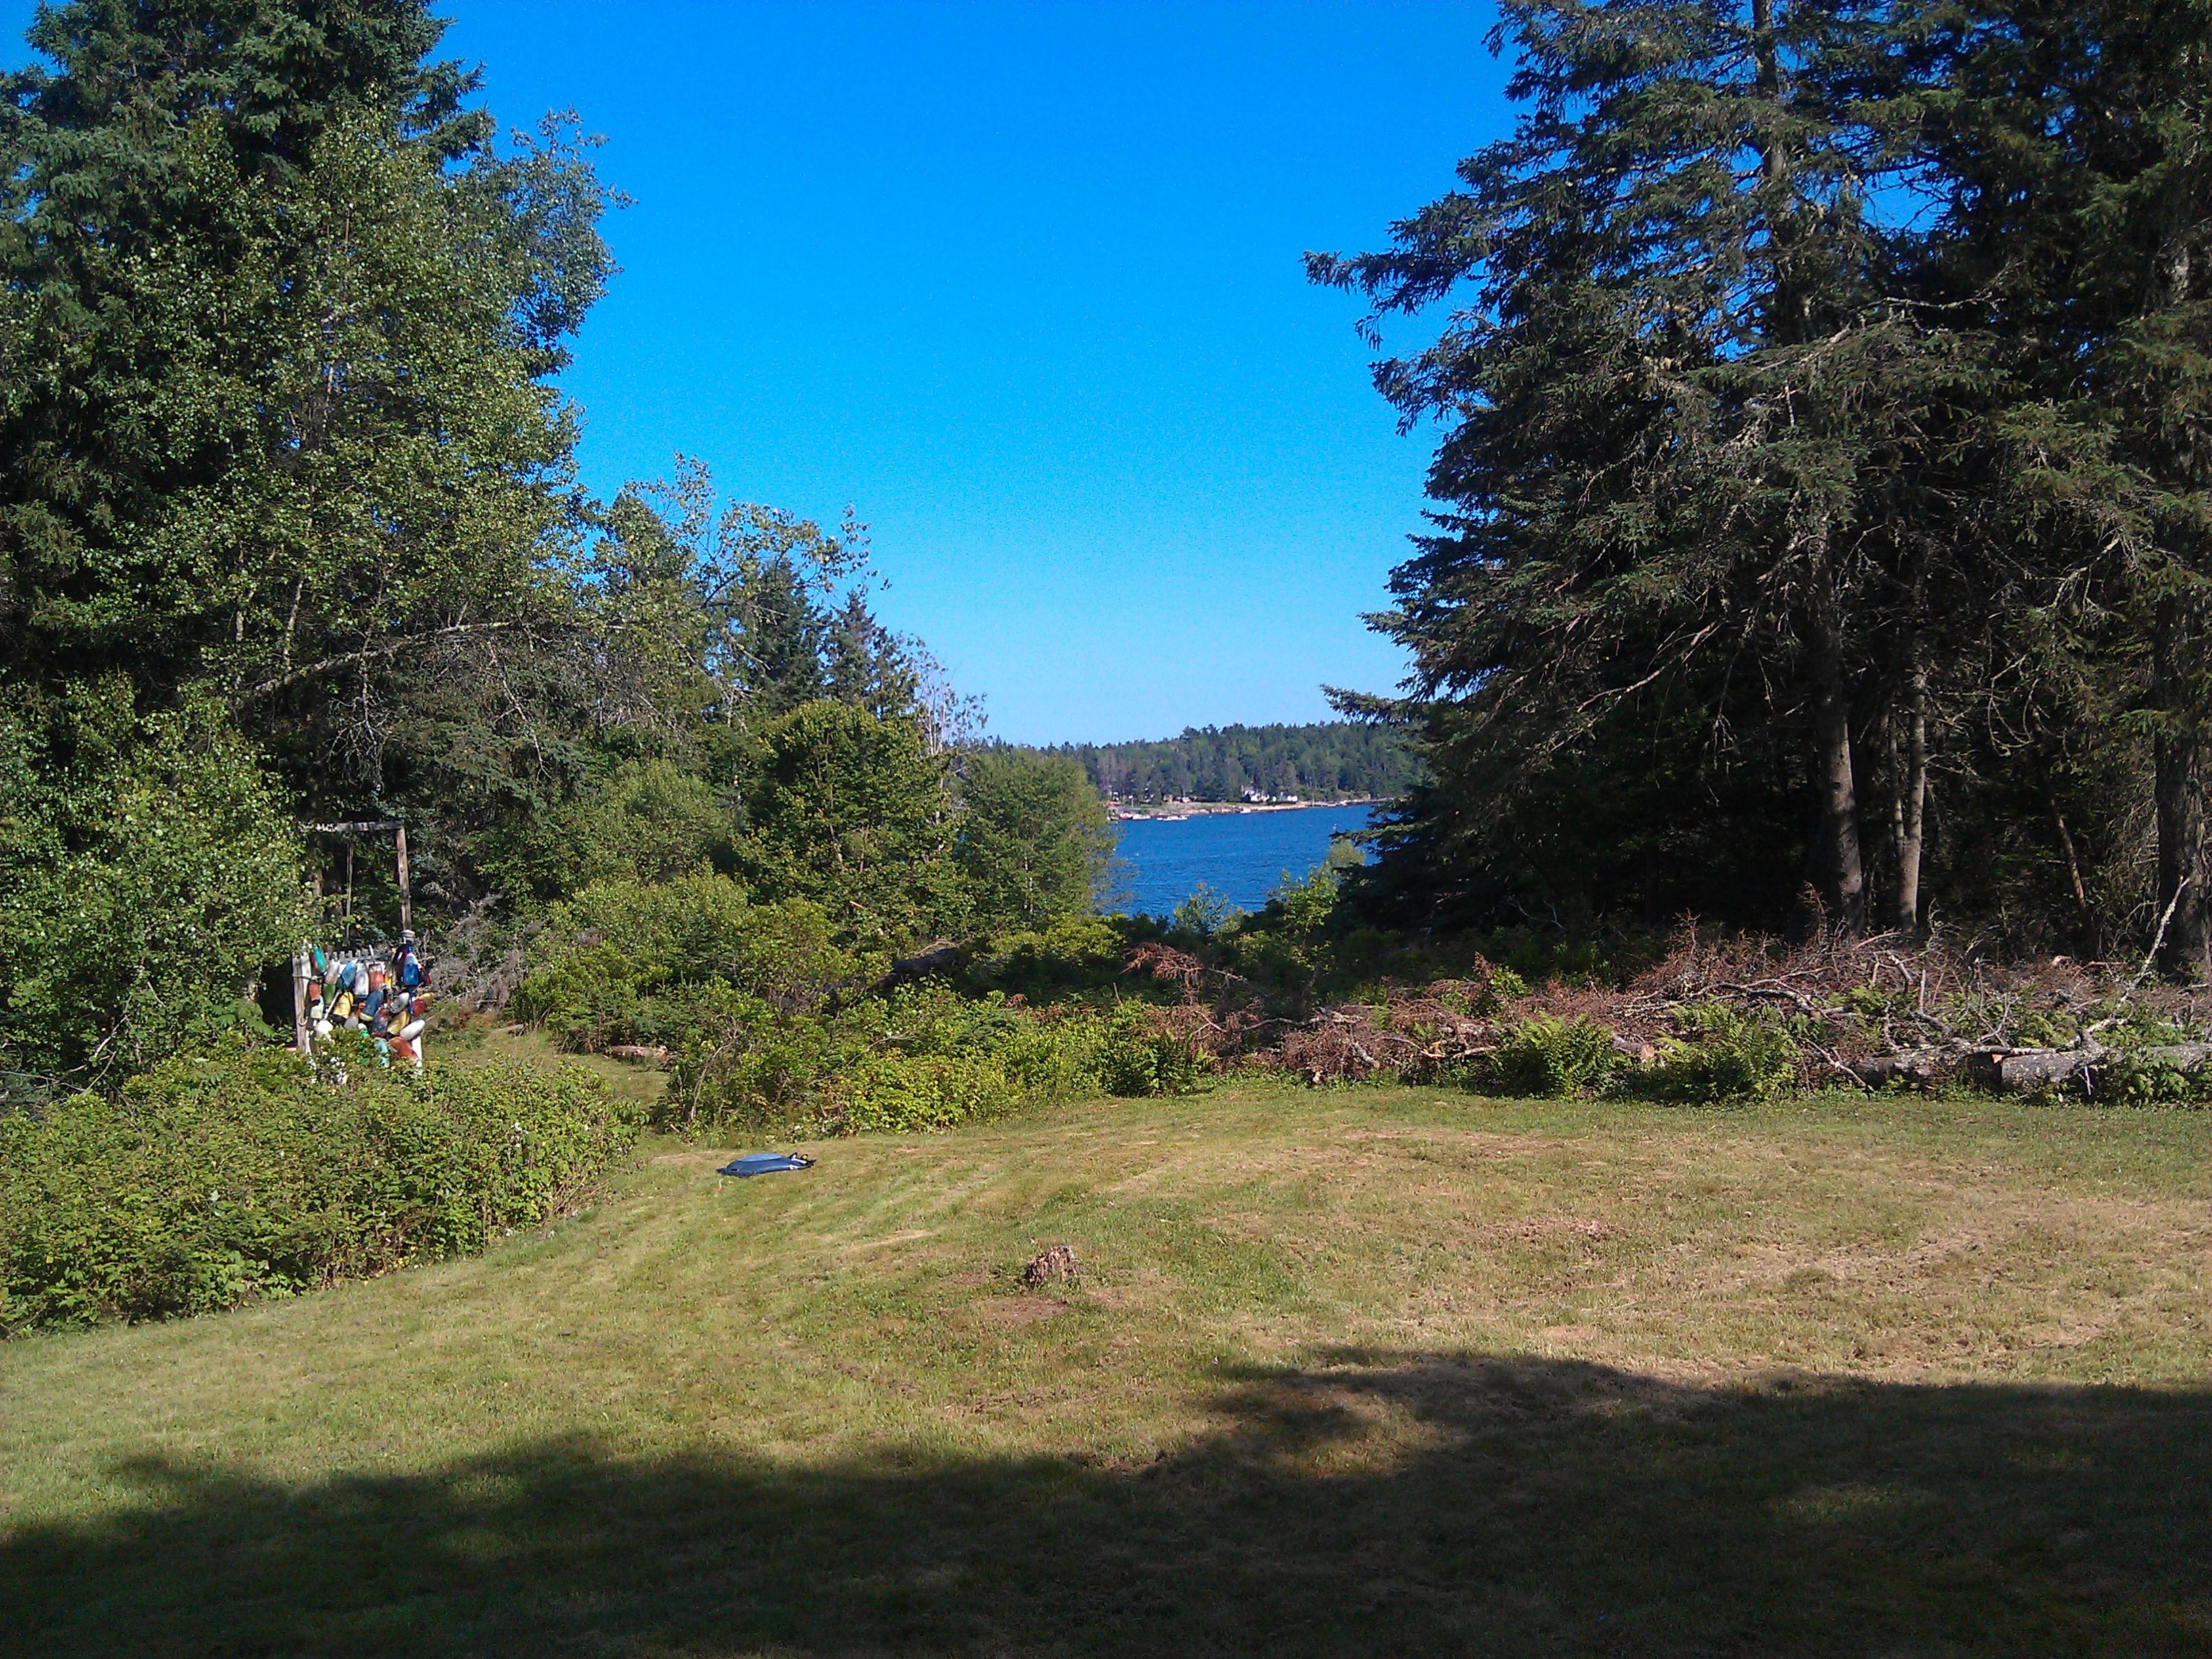 Ebenecook Harbor